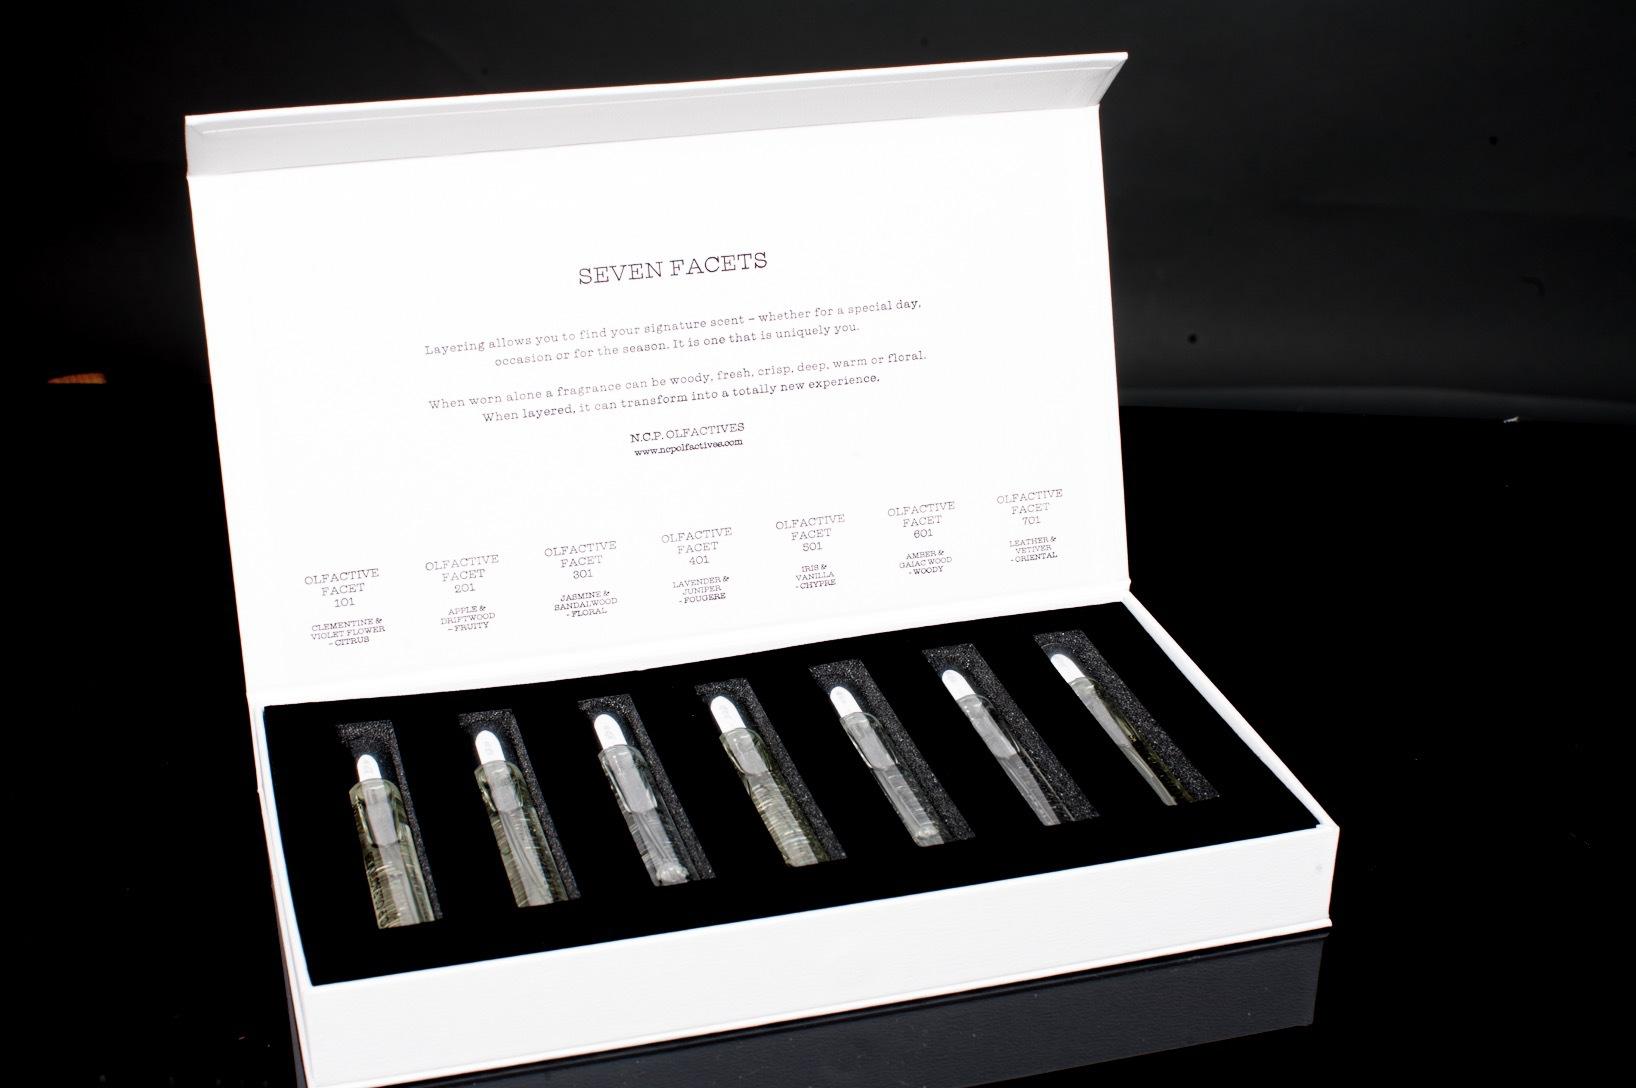 Noomi Rapace projekt med tre andra koncept- och doftnördar är lager på lager baserat. Ur N.C .P Olfactives har jag fastnat för Nr 501, Iris&vanilla samt 701, Leather&vetiver. Mums.